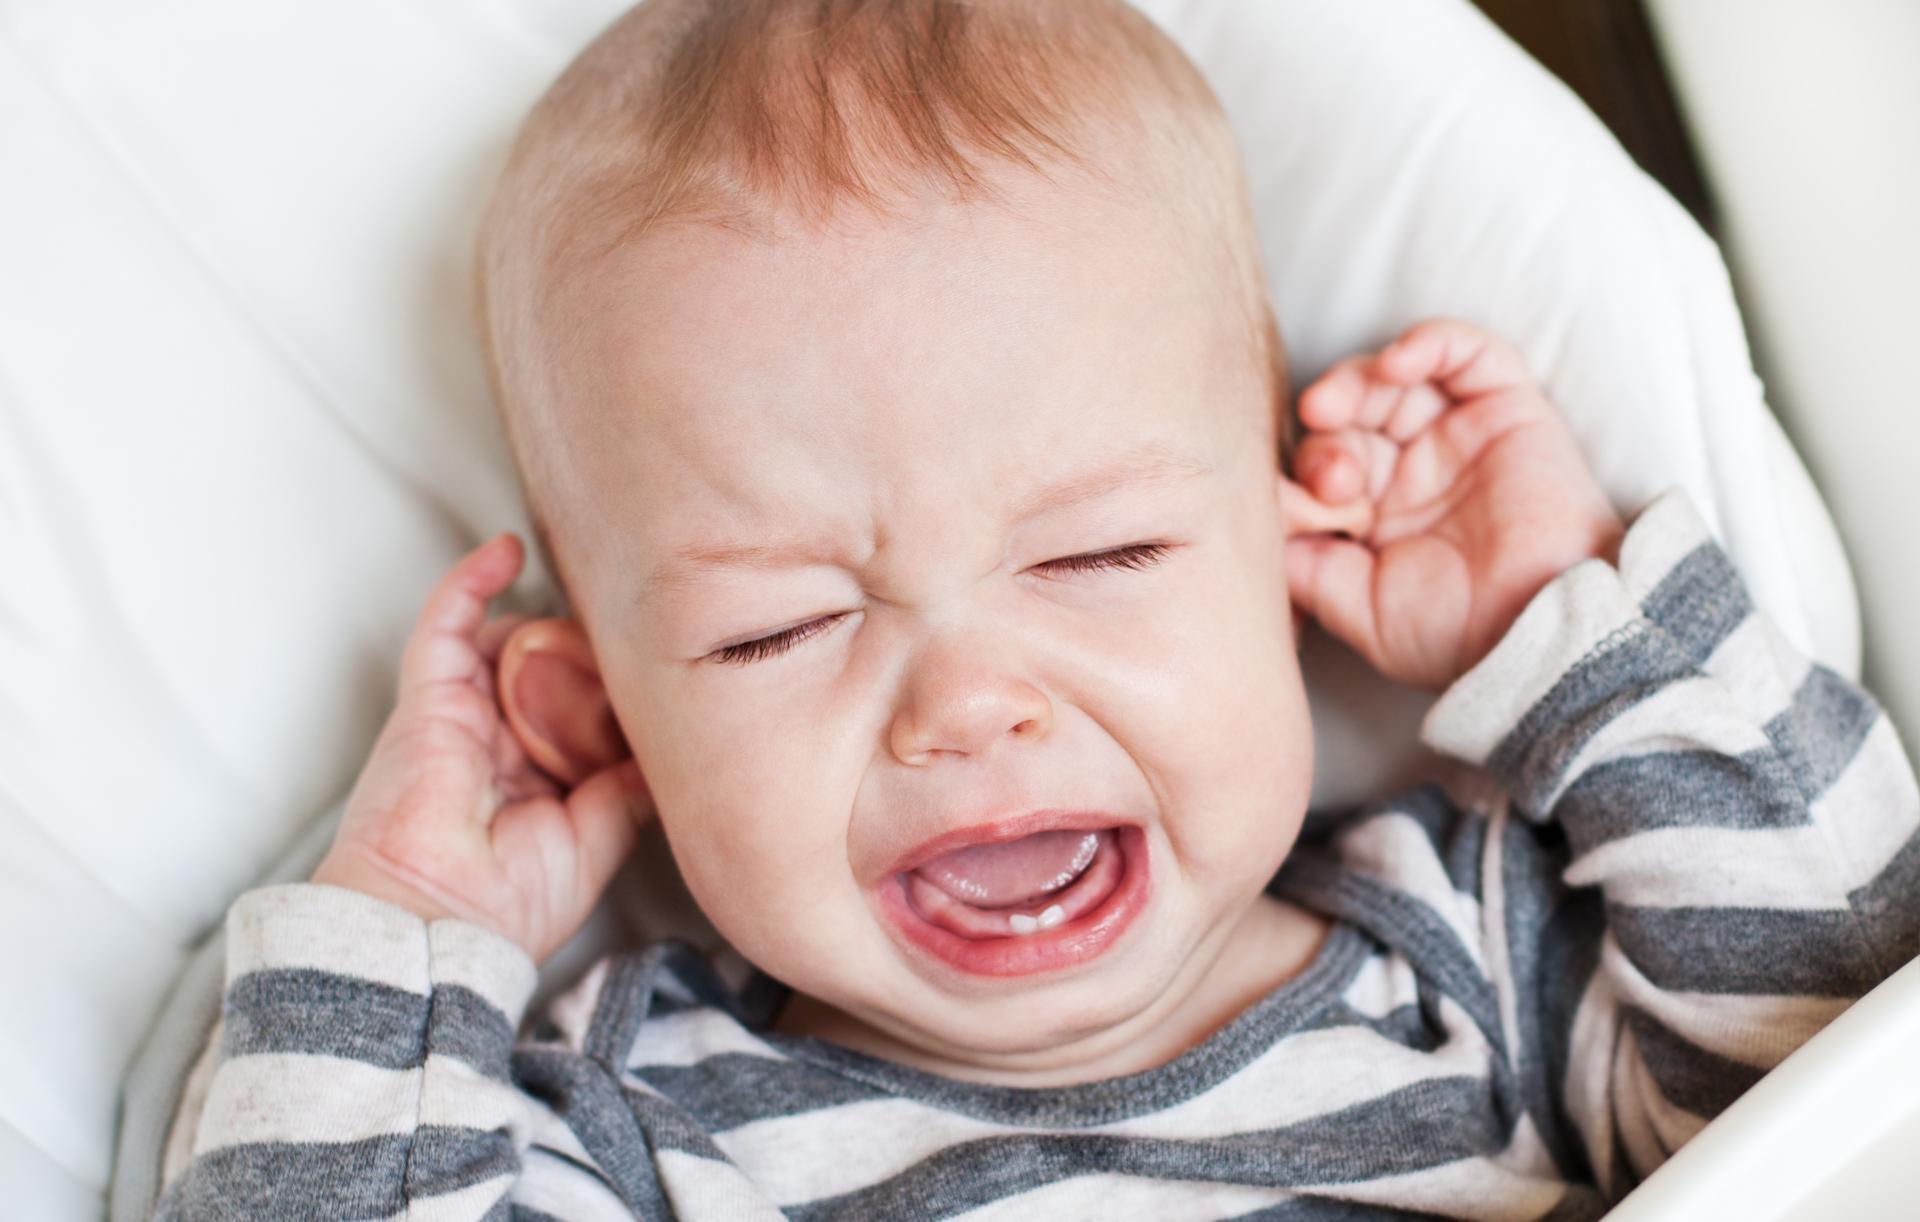 Новое приложение расшифрует плач малышей